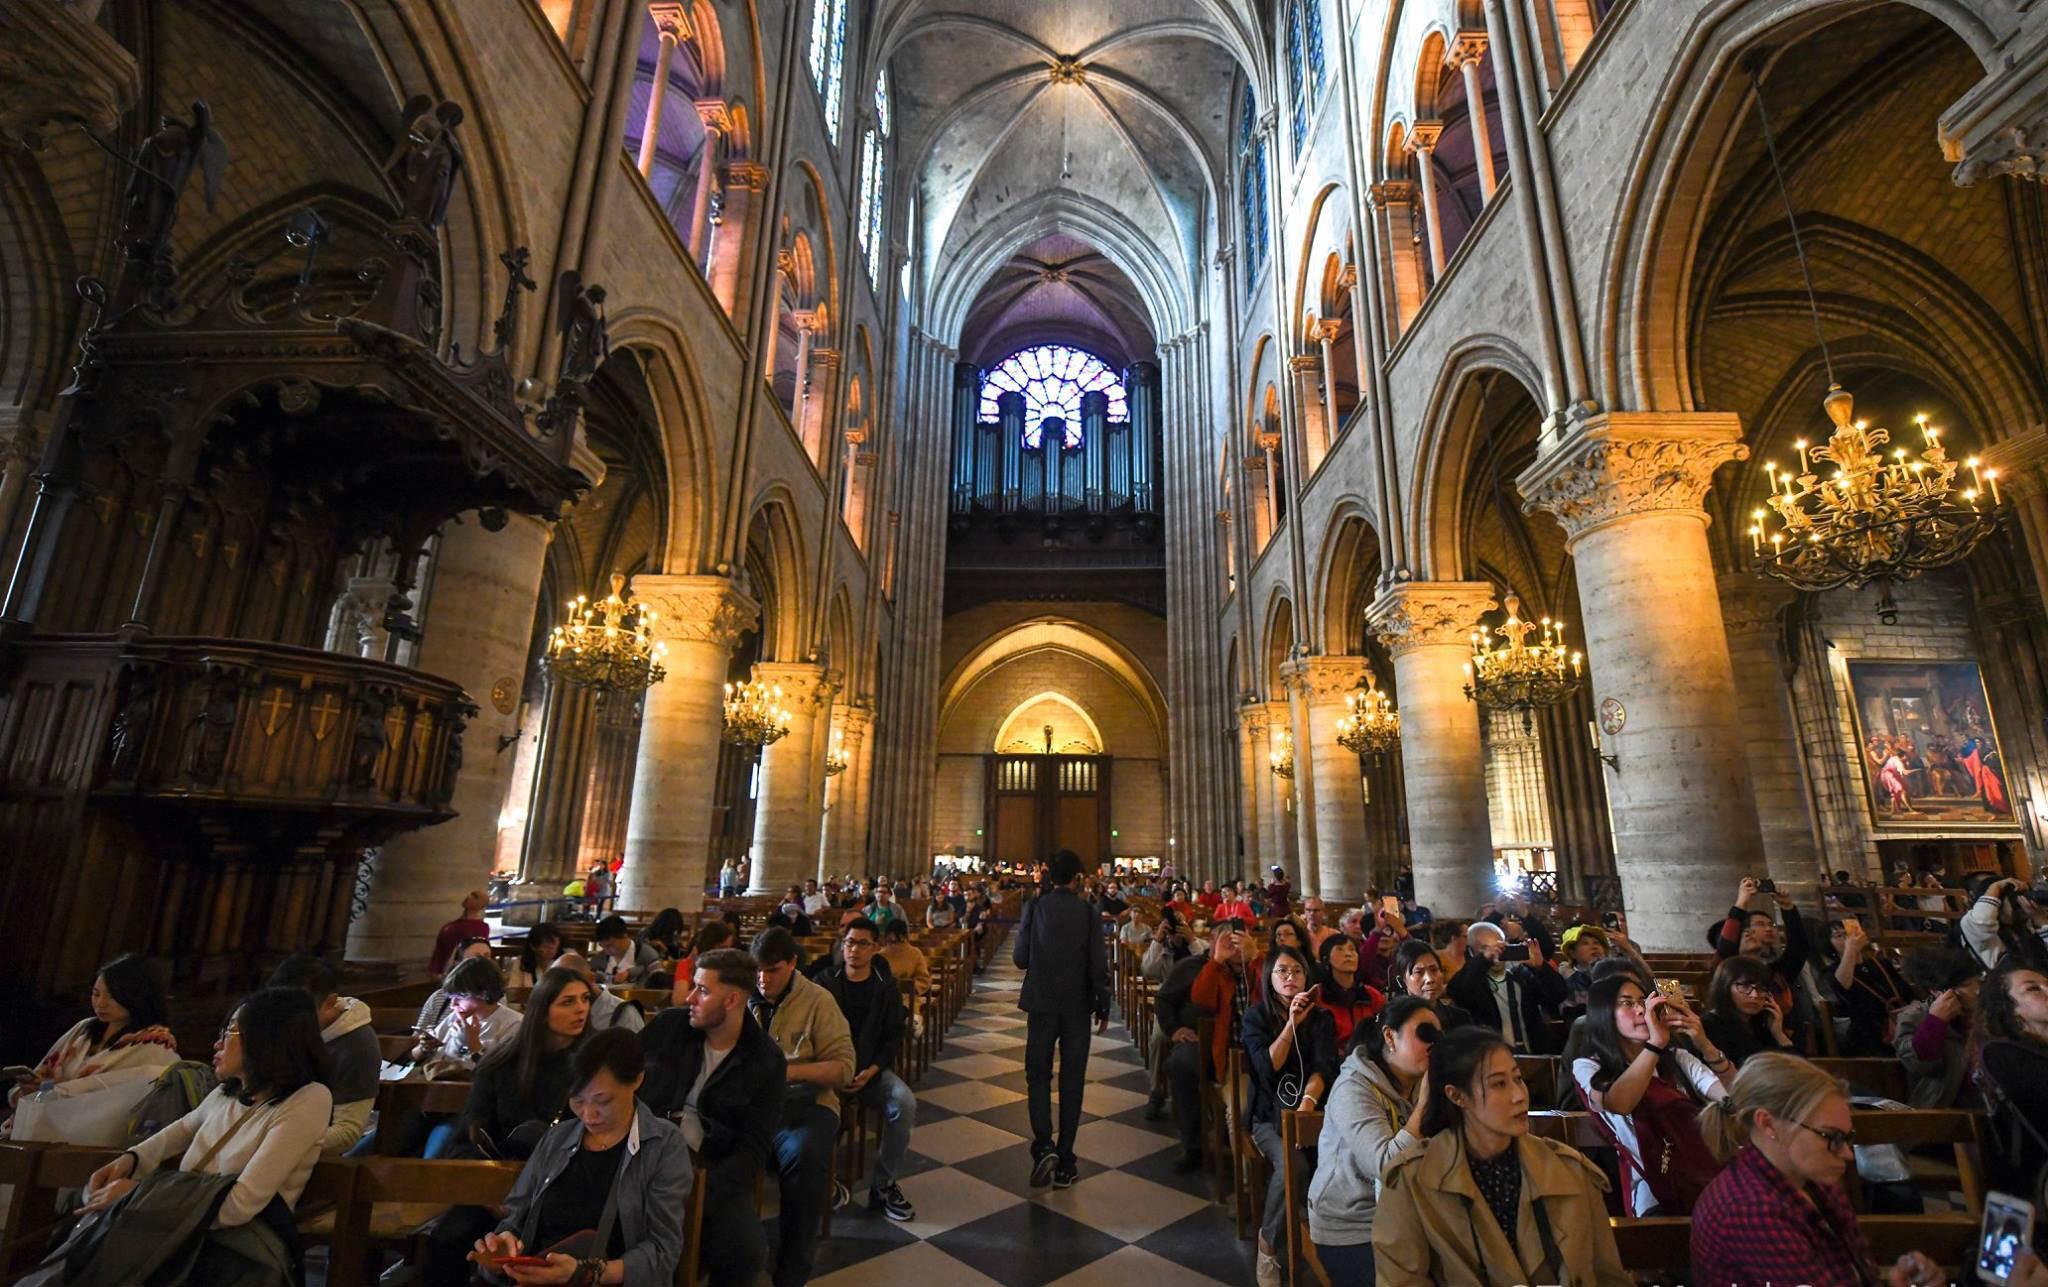 Nhà thờ Đức Bà Paris: Từ tro tàn đến hi vọng - ảnh 6